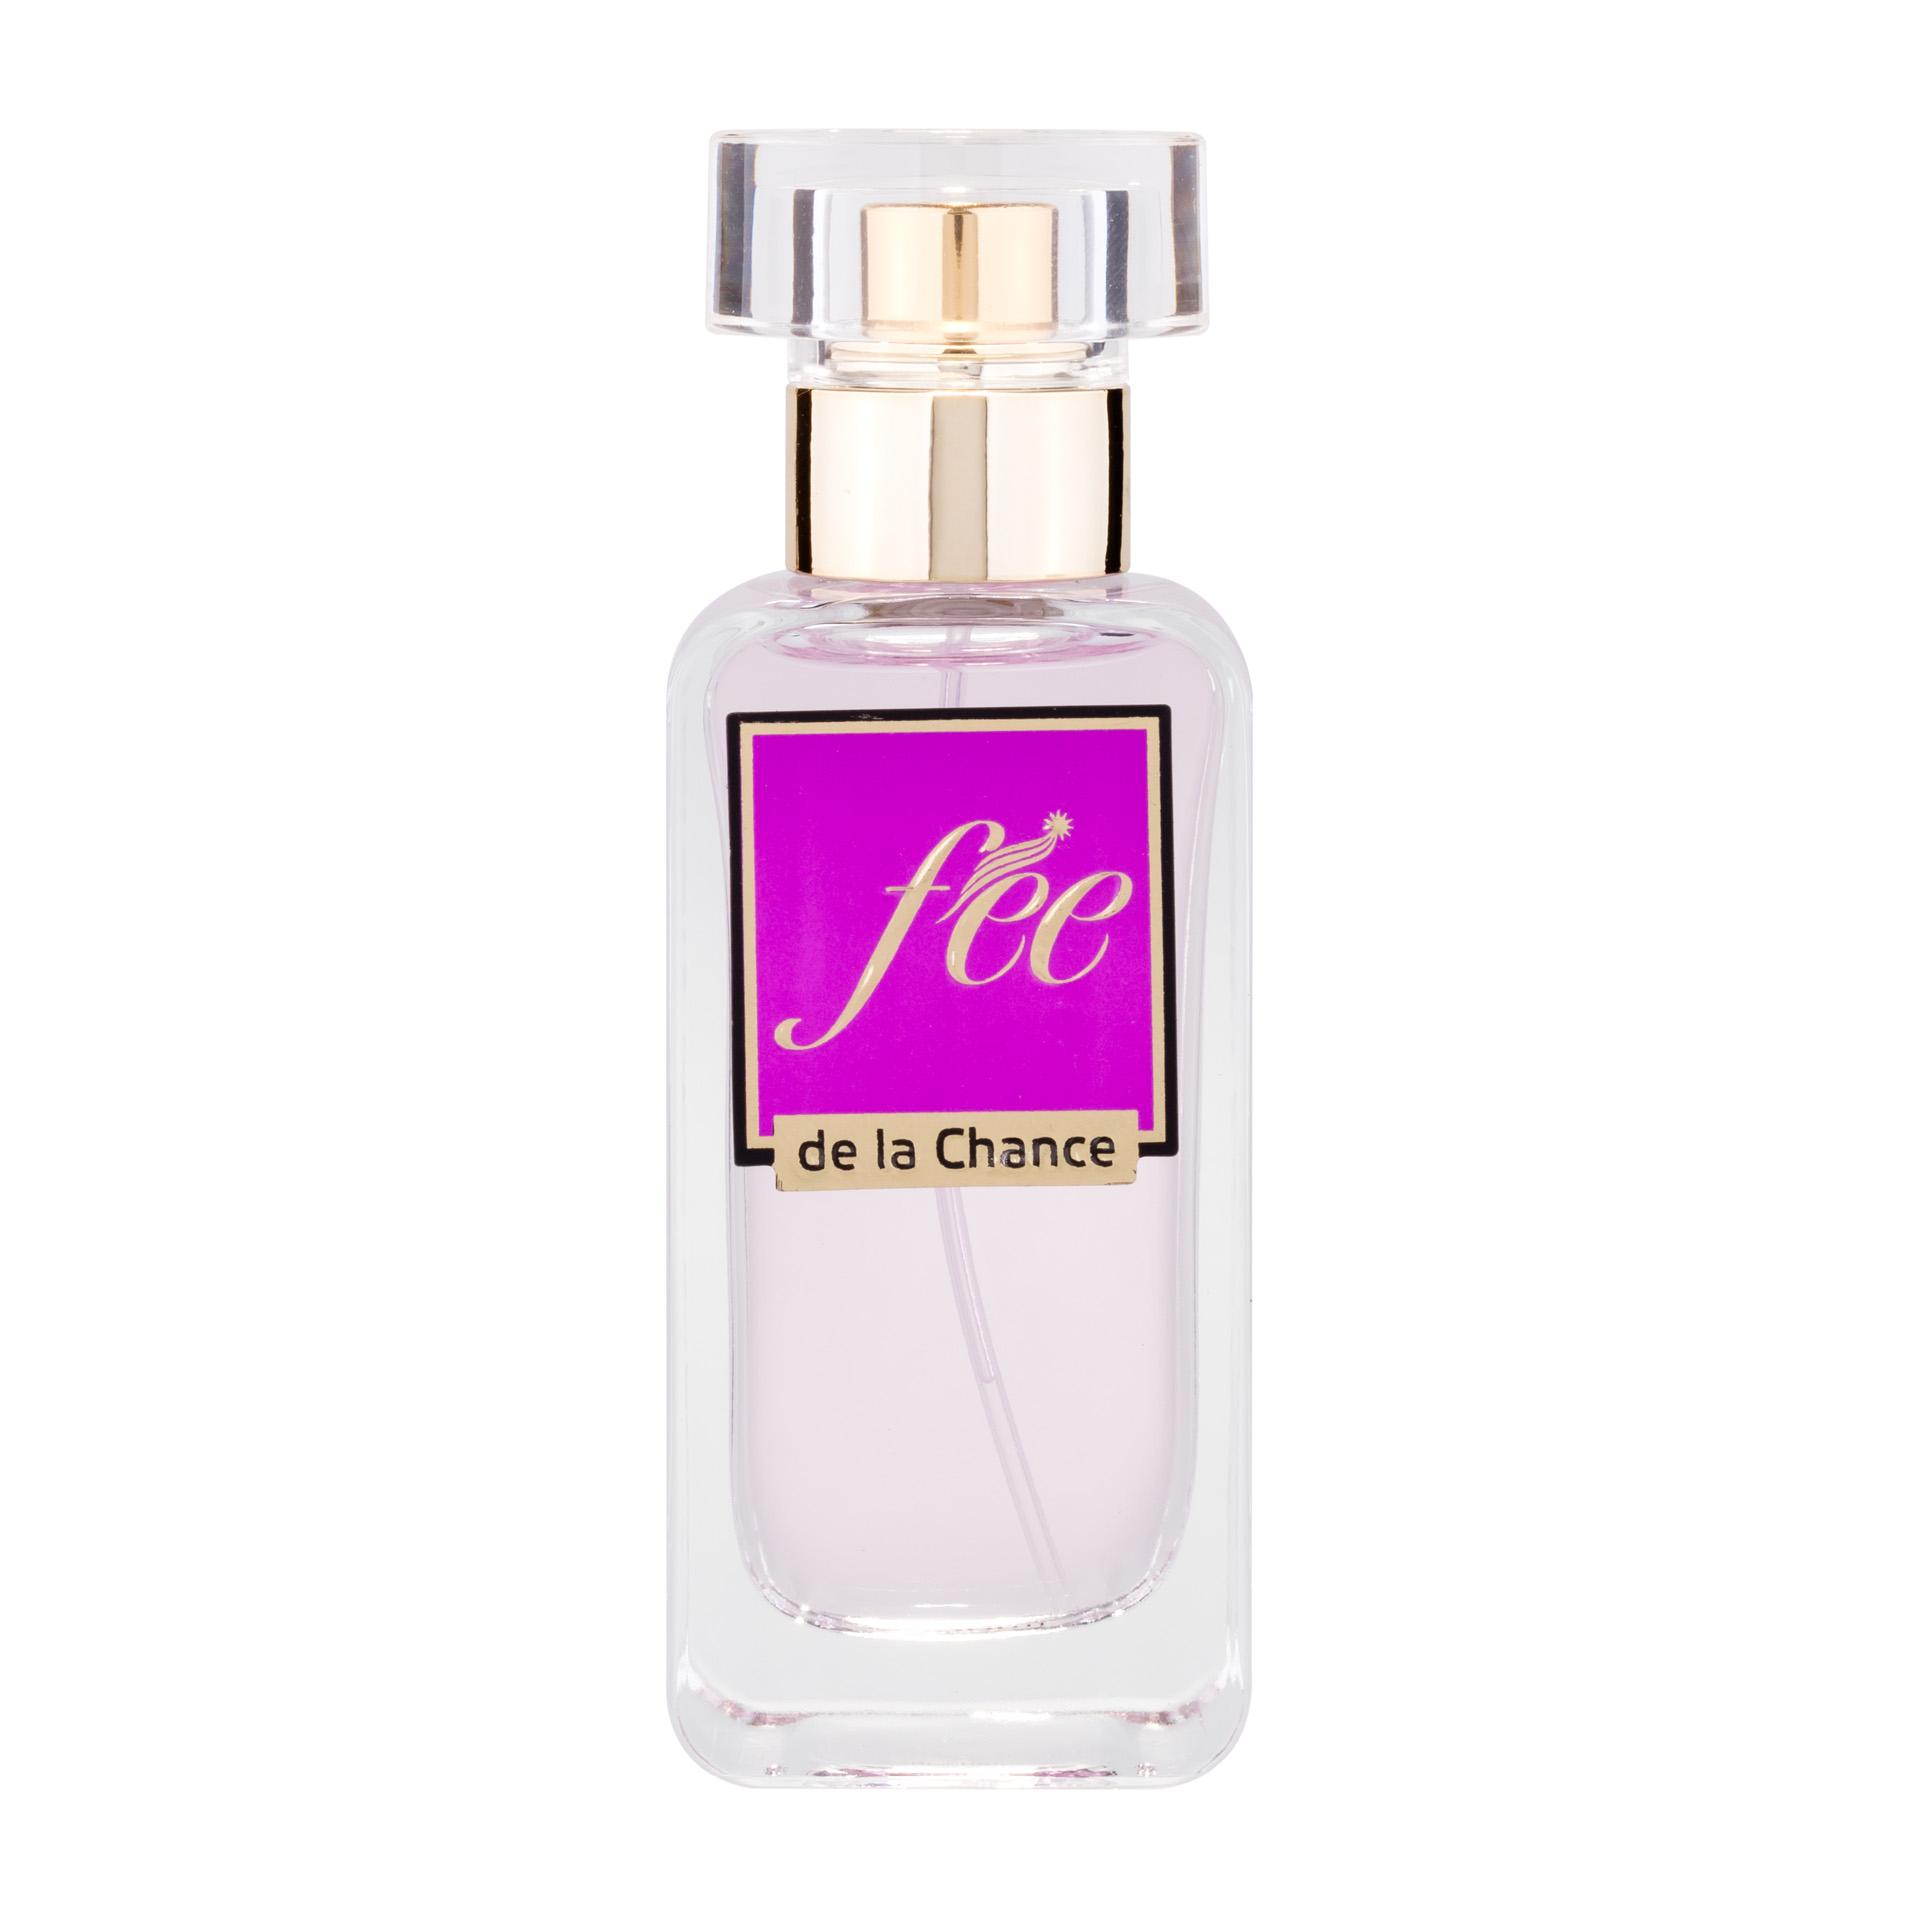 Купить Парфюмерная вода Fee Fée de la Chance Eau de Parfum, 30 мл